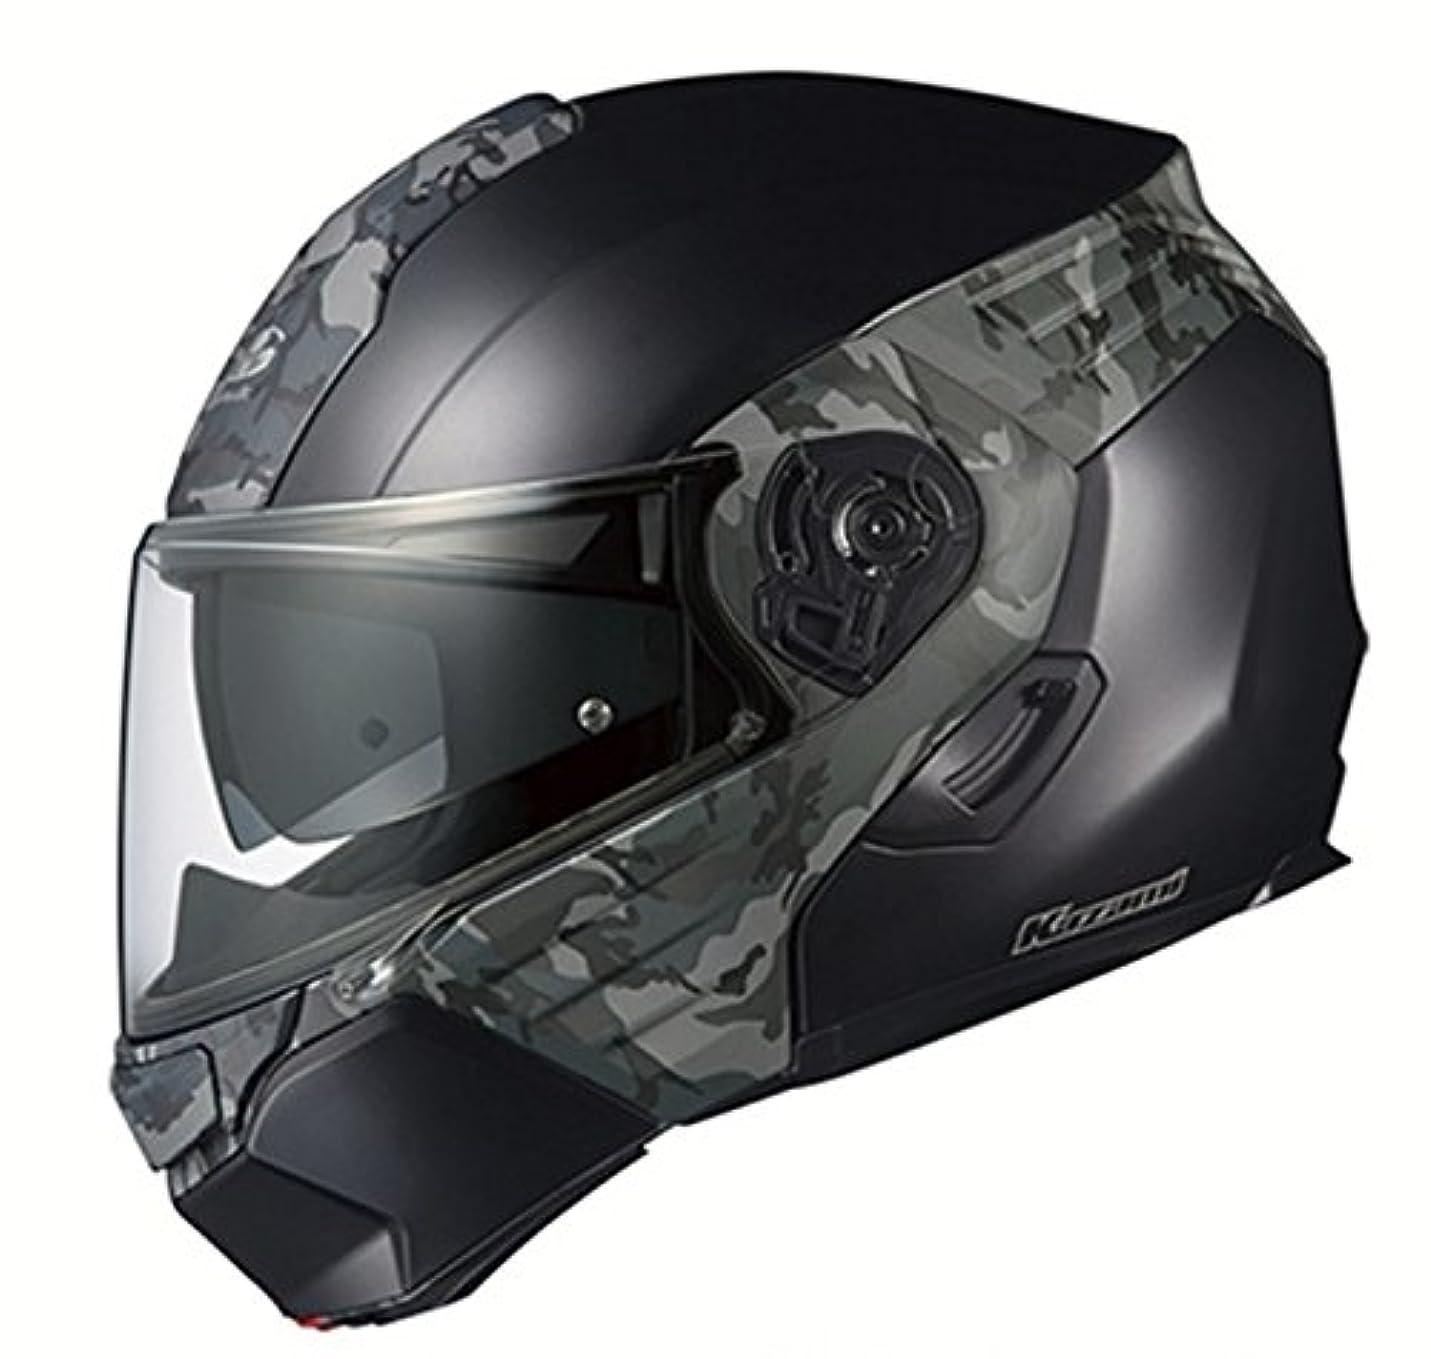 喪スキームビーチオージーケーカブト(OGK KABUTO)バイクヘルメット システム KAZAMI CAMO(カモ) フラットブラック/グレー (サイズ:L) 571672